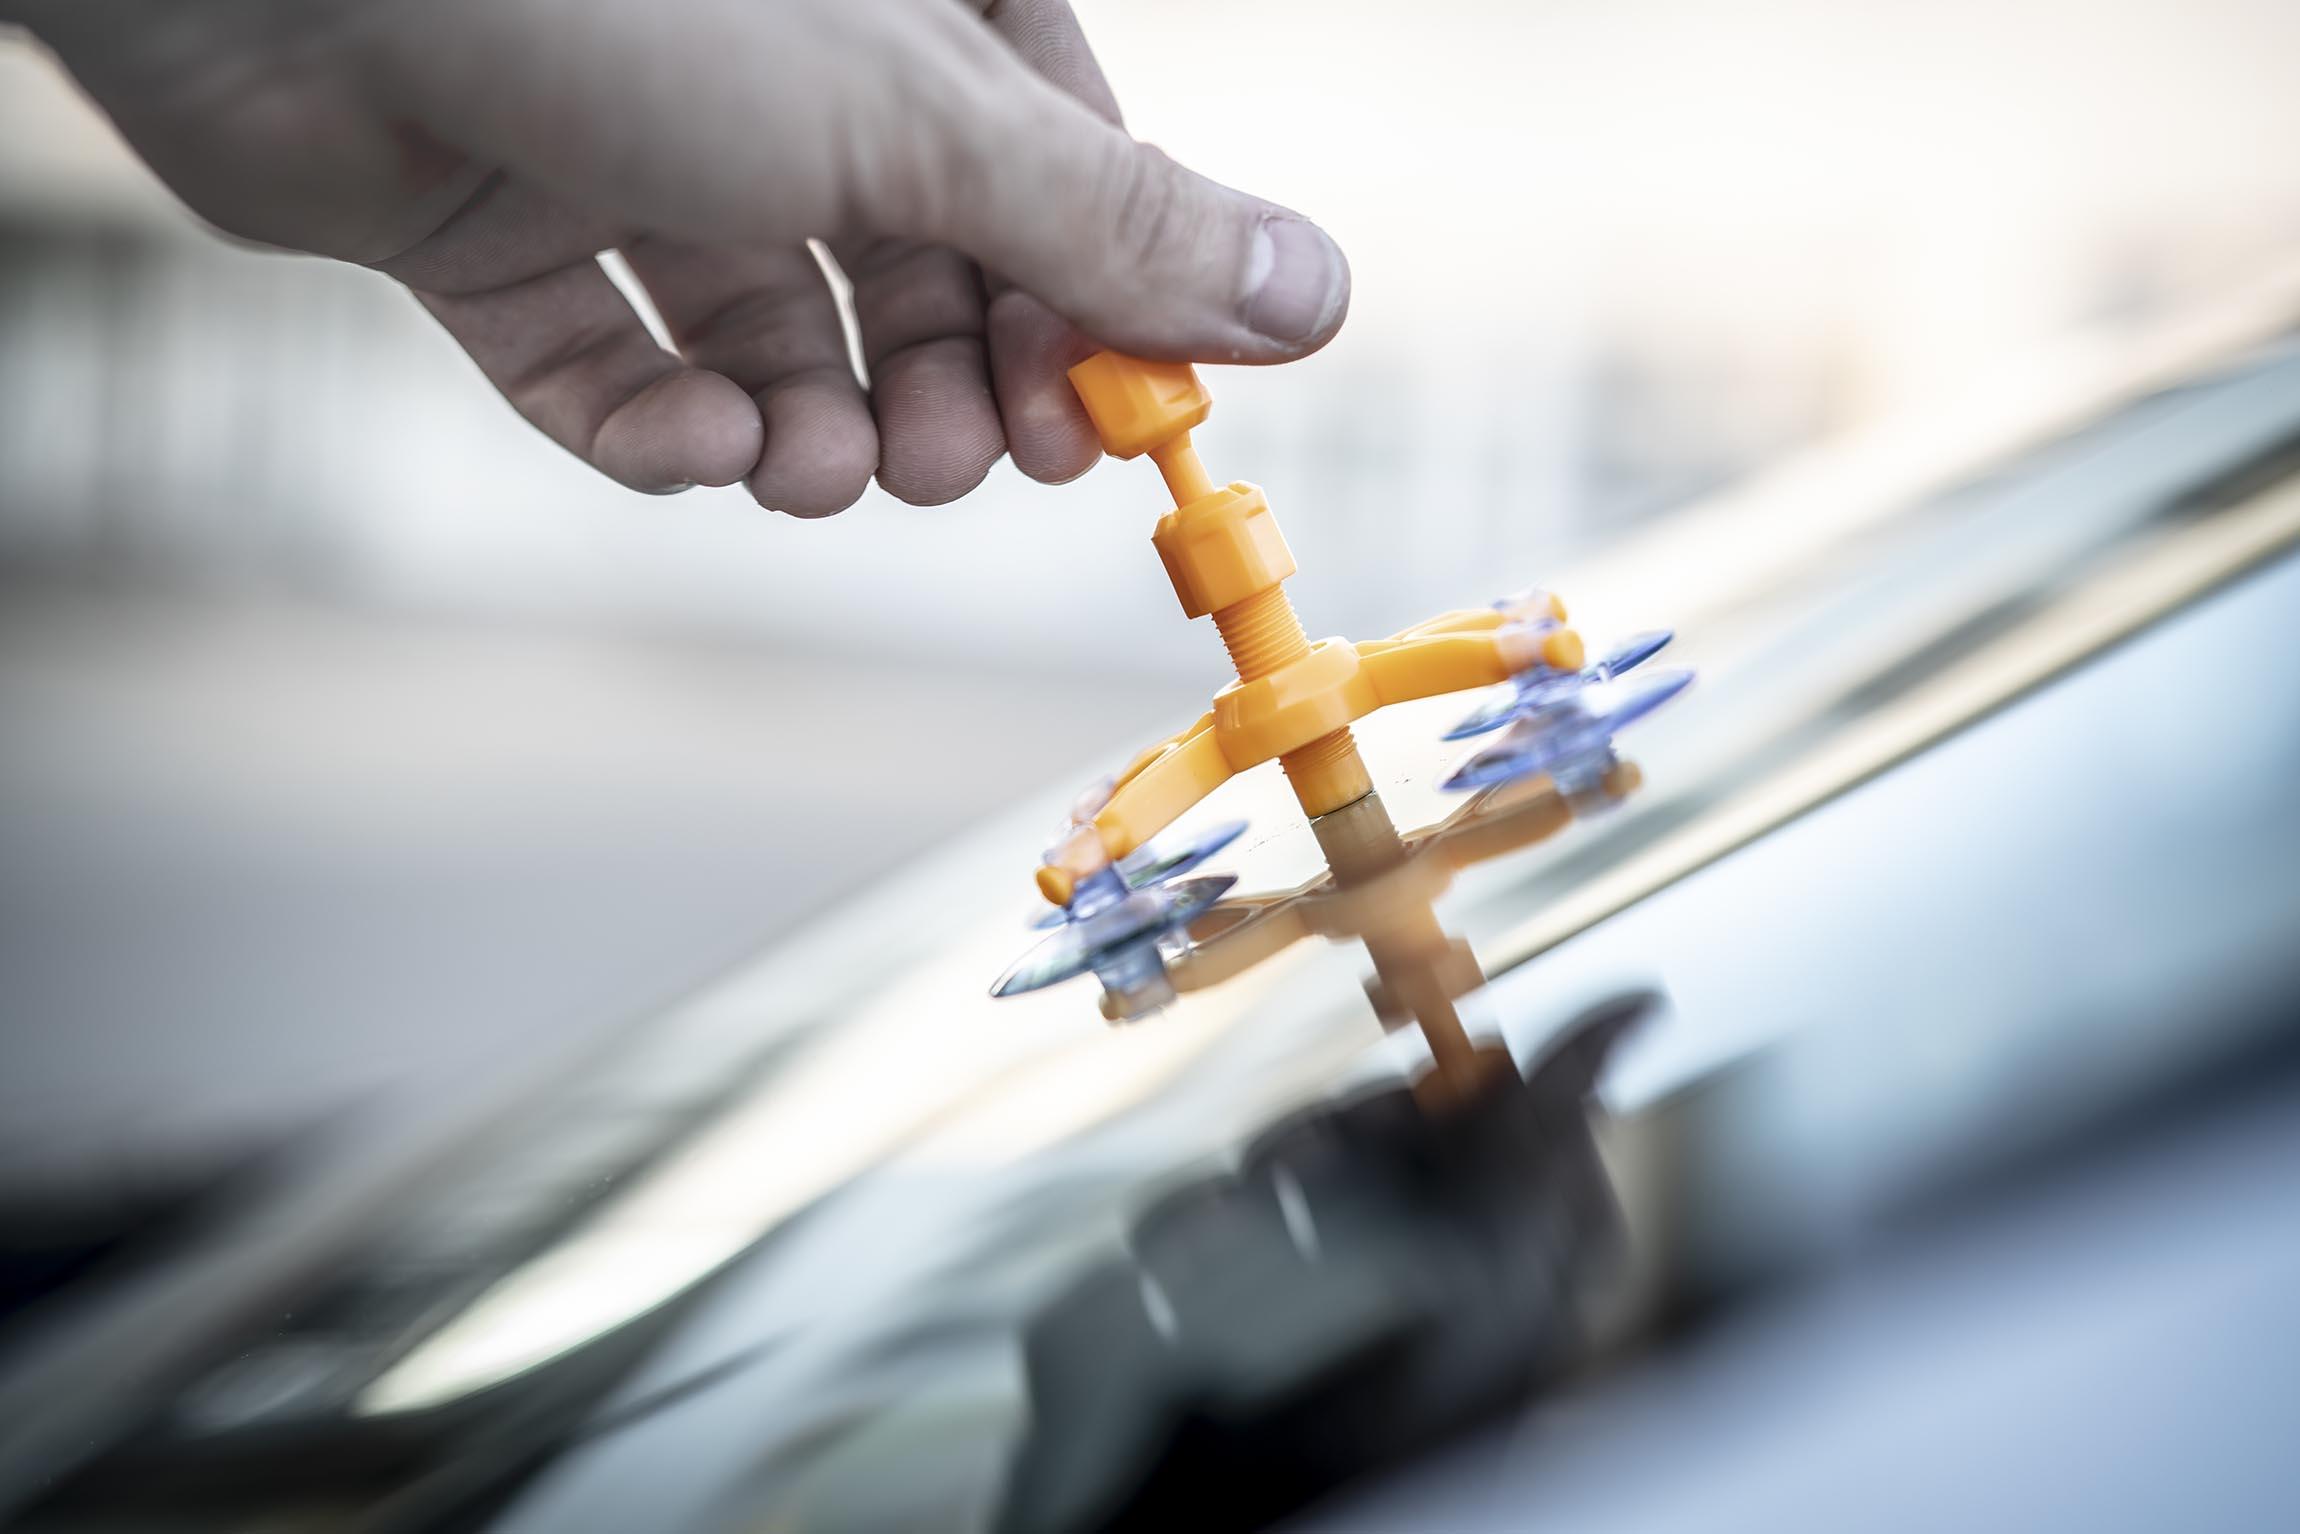 Reparatur eines Steinschlags in der Frontscheibe eines Autos